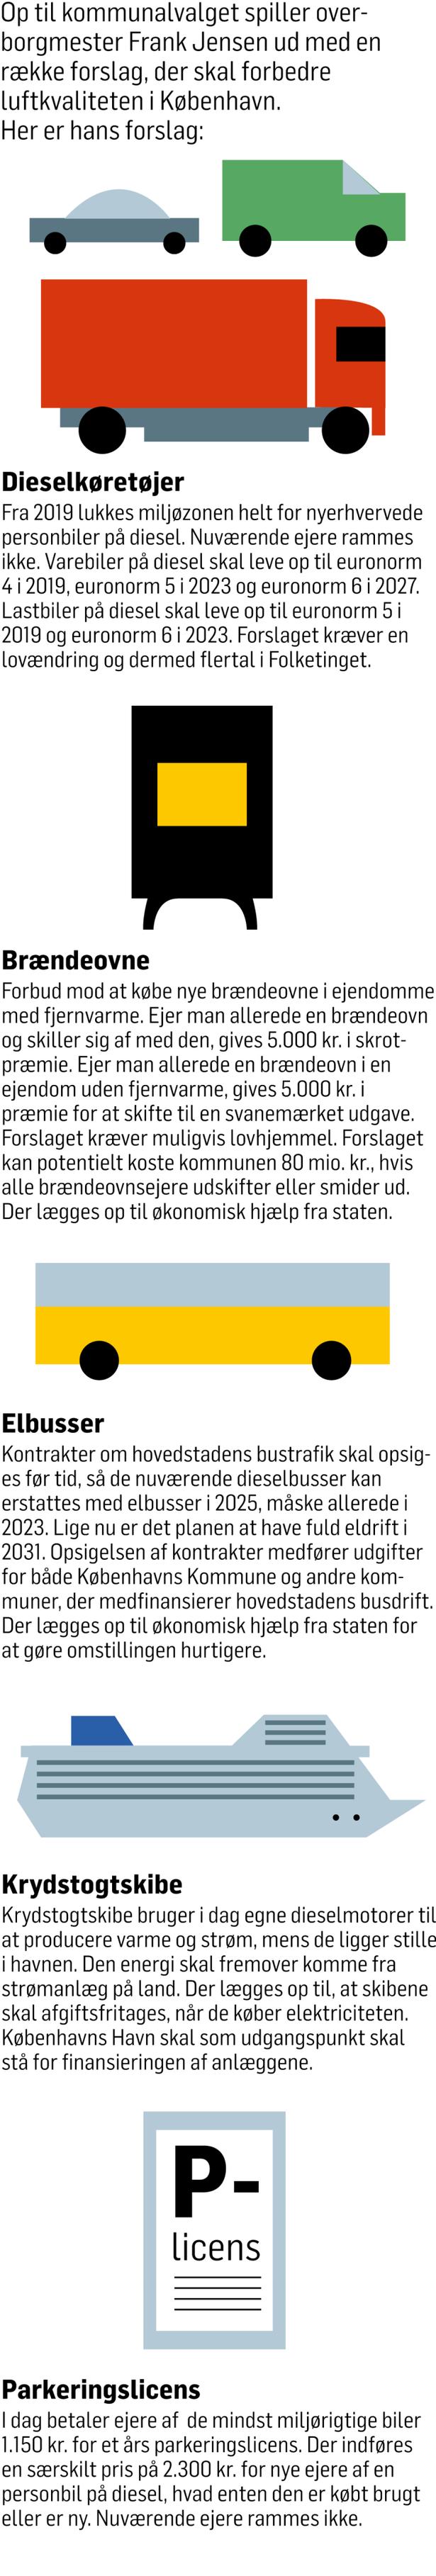 bb60bb15b6b ... at nu skal miljøzonen til at omfatte dieselbiler og varebiler (på diesel,  red.), så kan vi løfte det. Men det kræver politisk pres«.